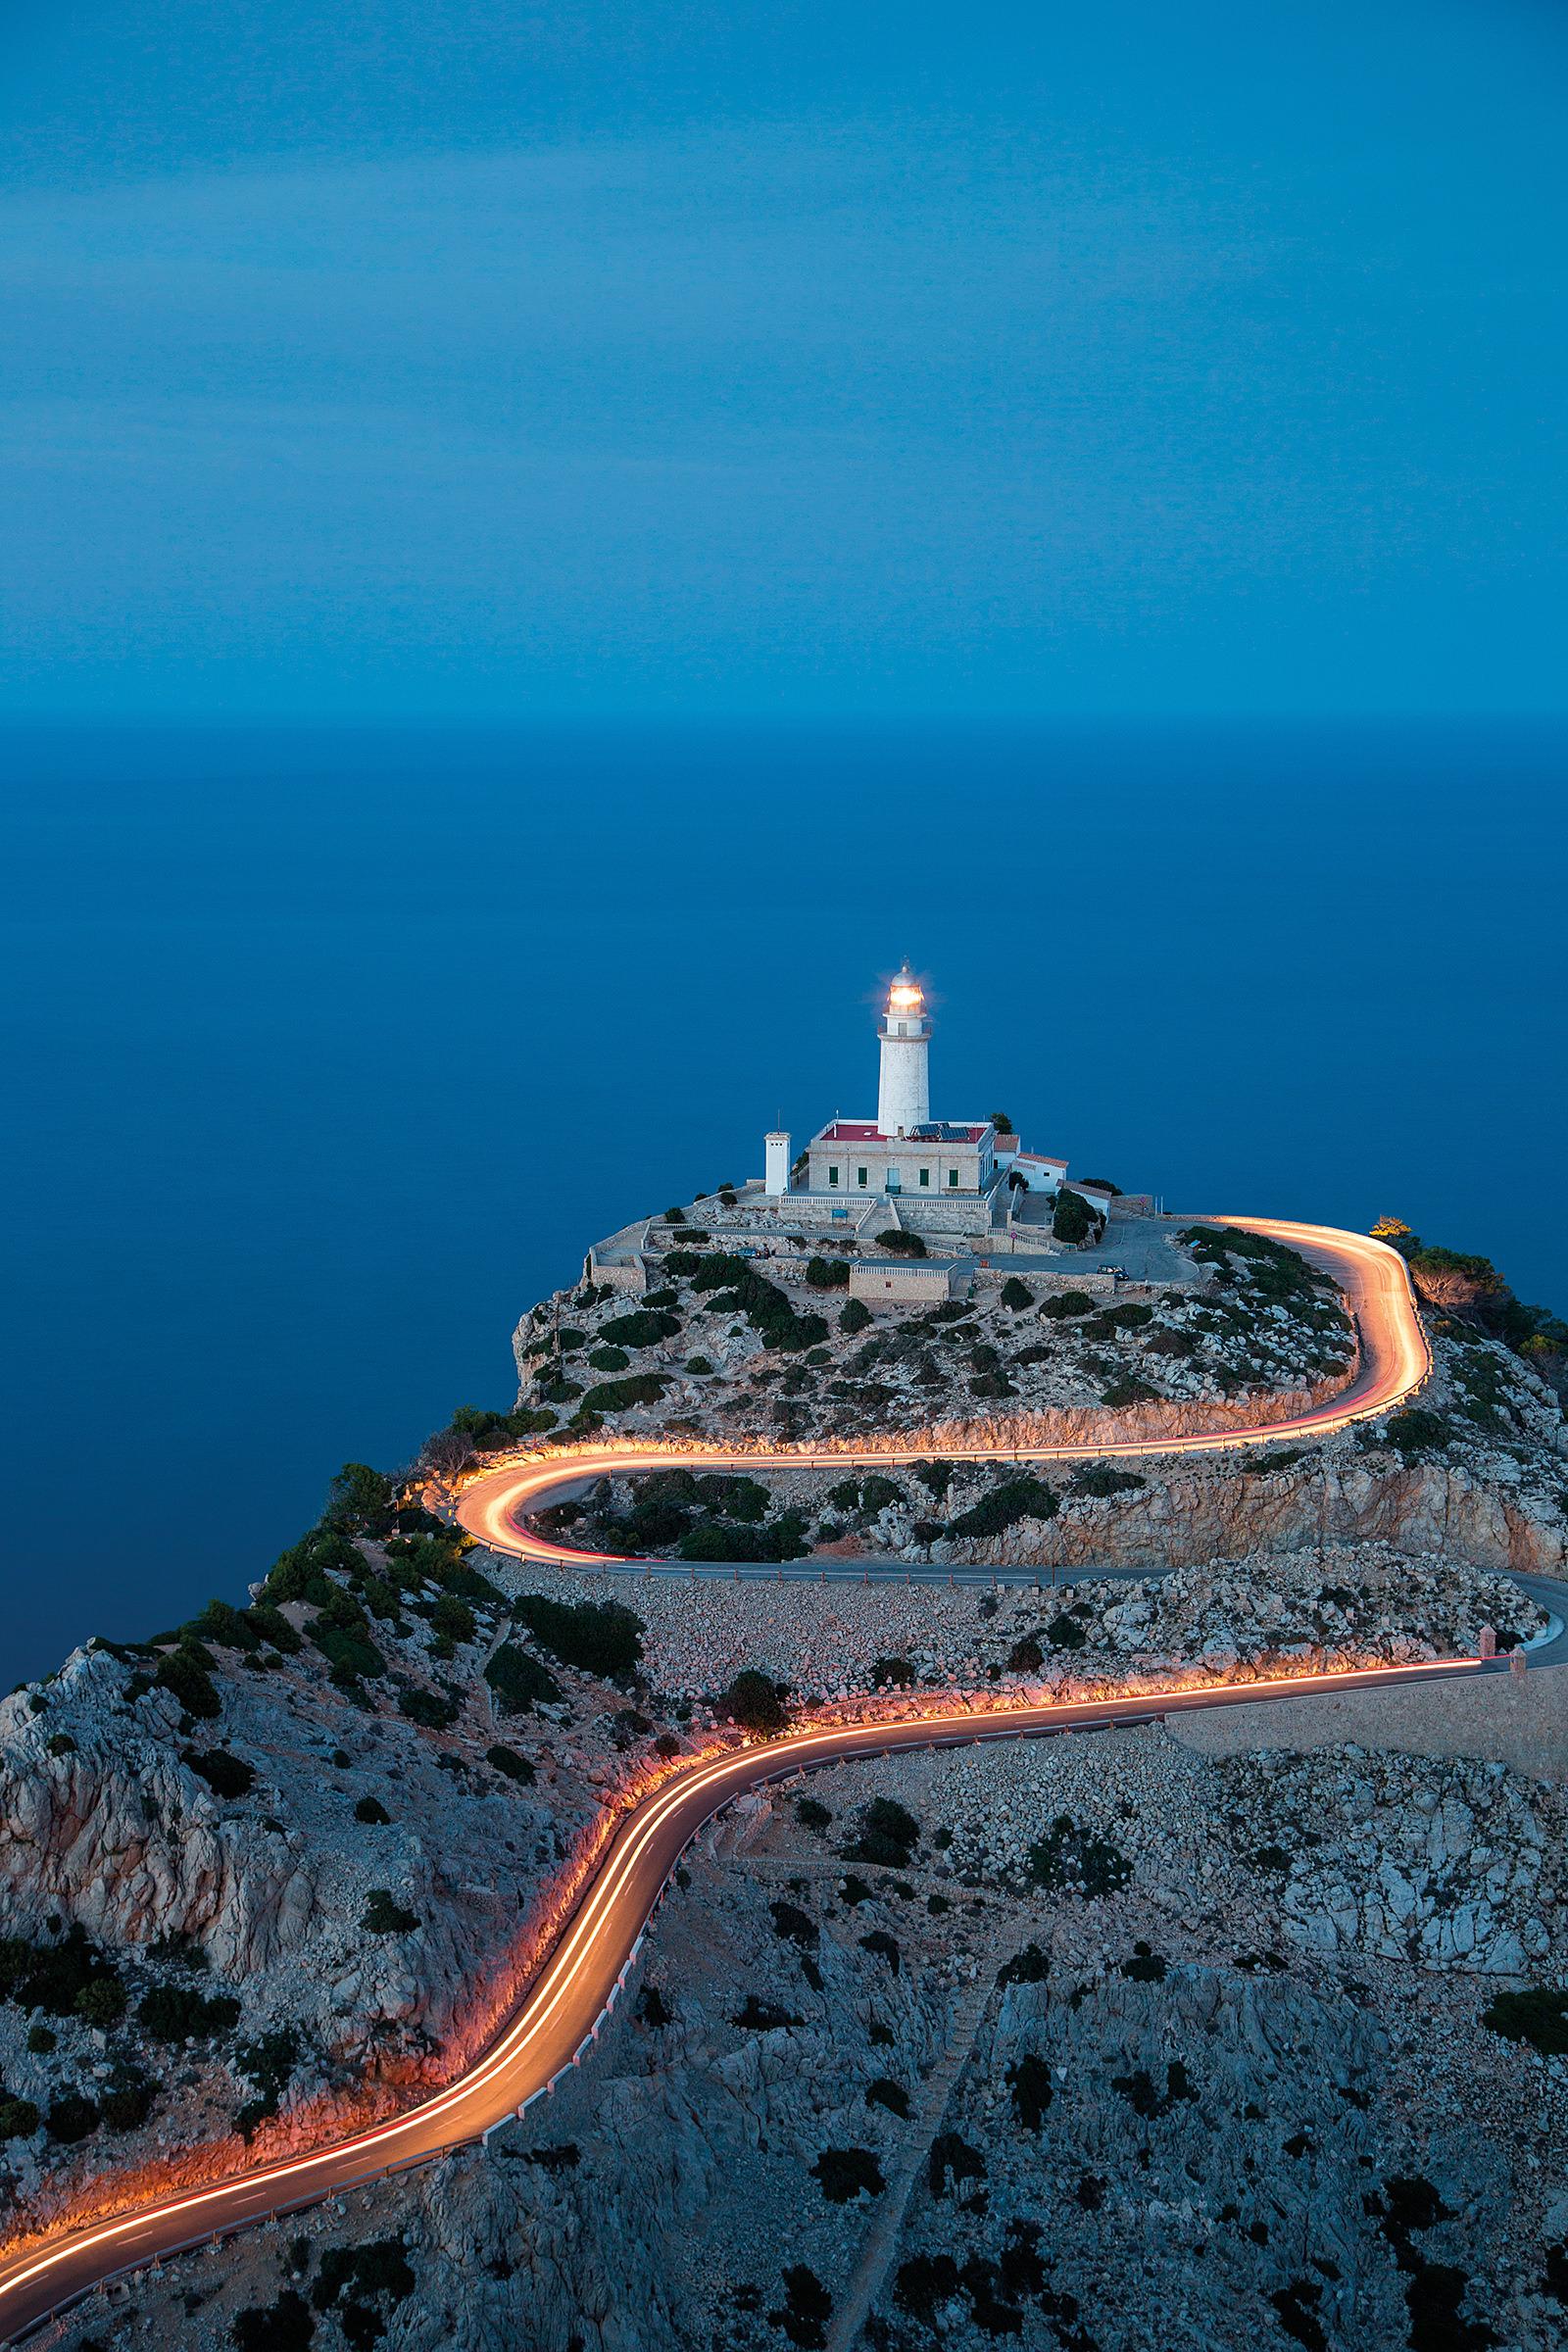 Lichterschlange vor dem Leuchtturm auf Formentor / Mallorca  (Foto: Holger Leue)